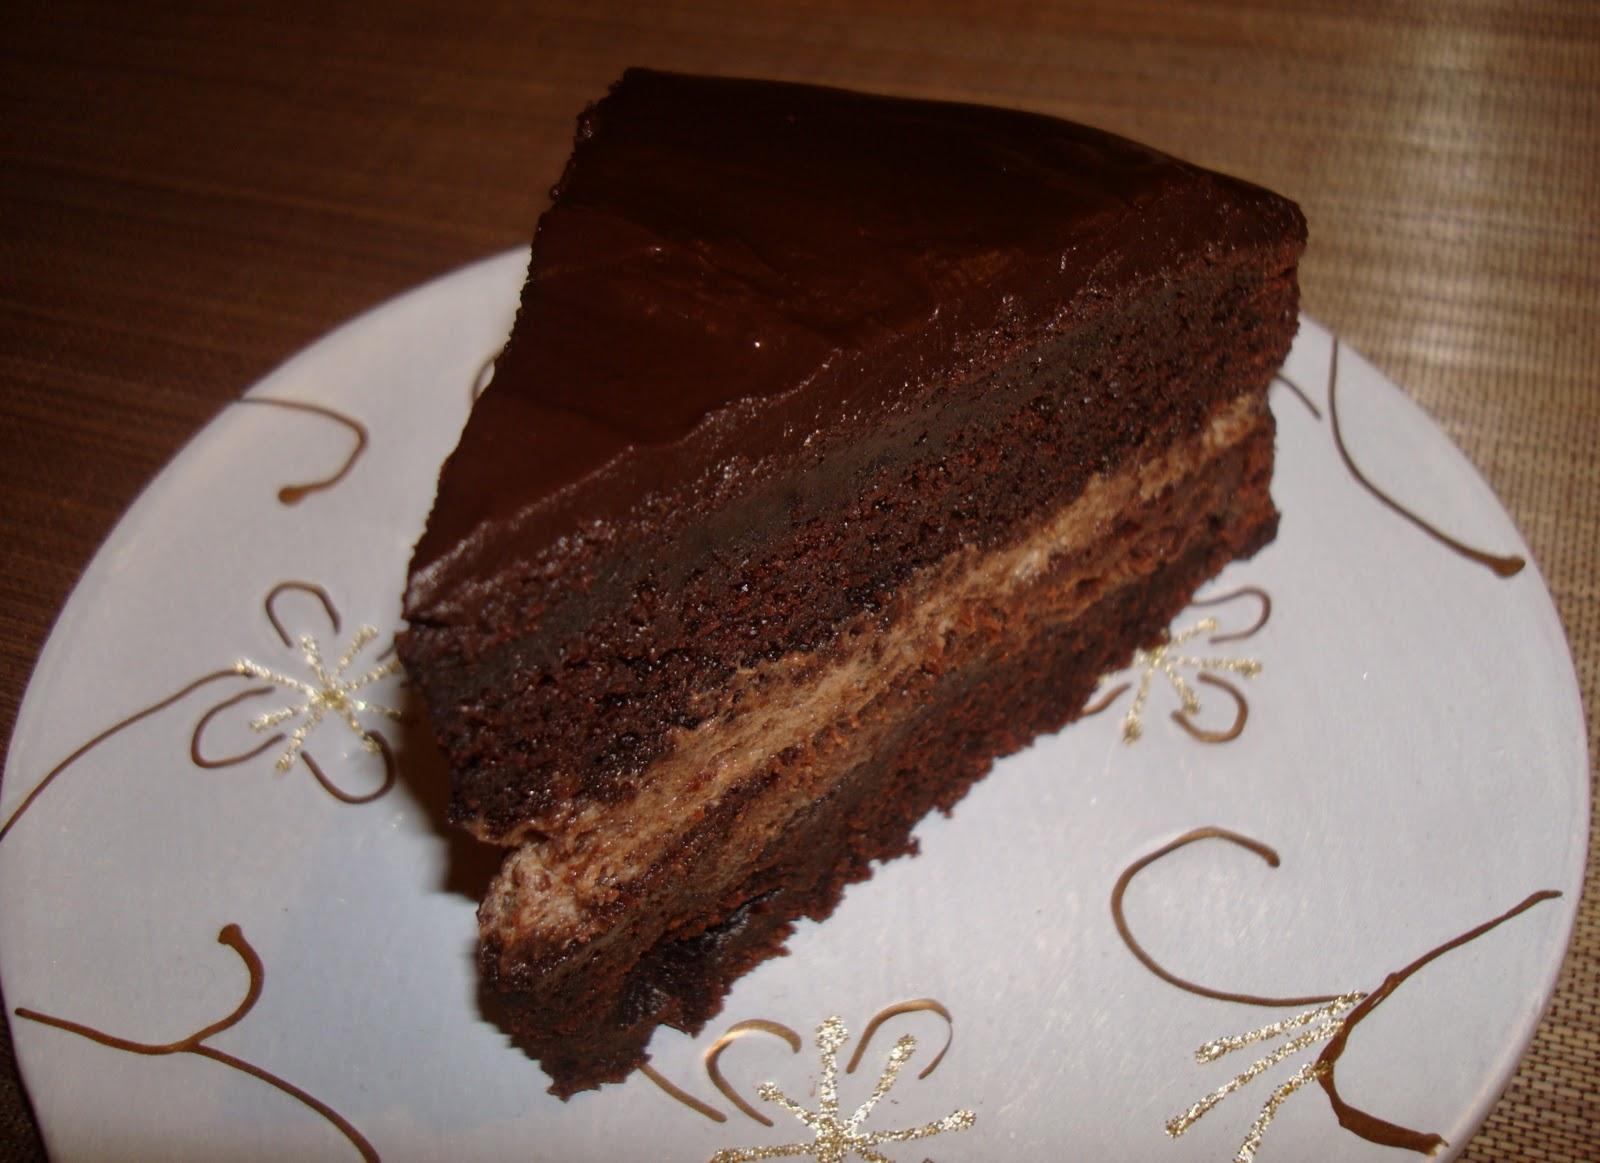 e19602569be Ütleme nii, et seda kooki annab võrrelda Guiness šokolaadikoogiga- kook,  mida natukene aega tagasi valmistasin ning mis on minu isiklik ...